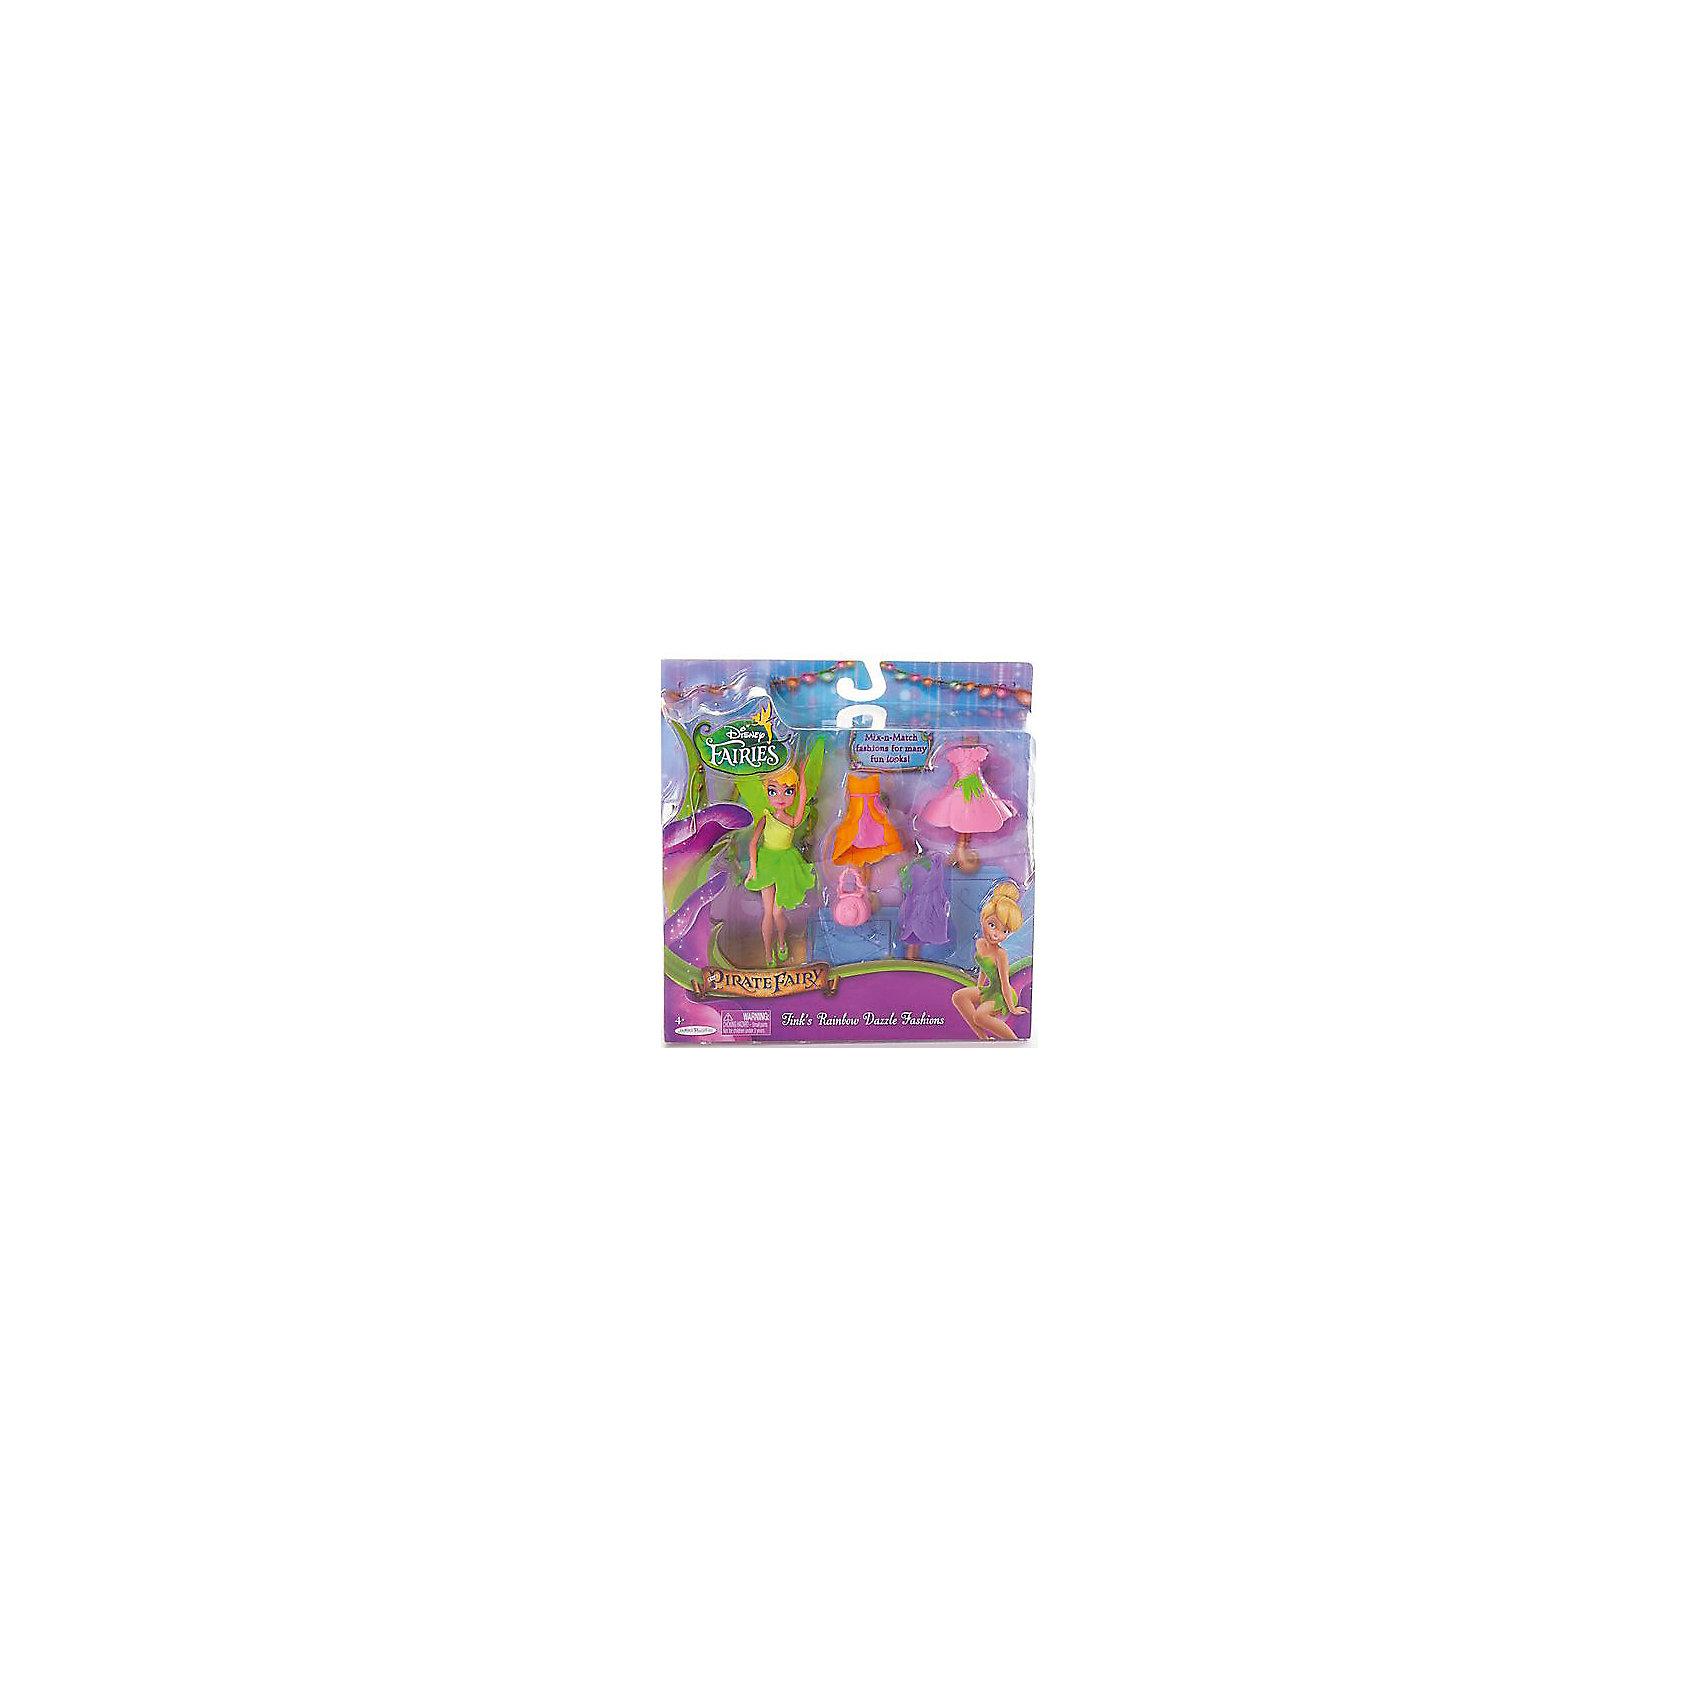 Фея Диснея с 3 платьями, Динь-Динь, 11 смМини-куклы<br>Характеристики товара:<br><br>- цвет: разноцветный;<br>- материал: пластик;<br>- подвижные части тела;<br>- комплектация: кукла, аксессуары;<br>- размер упаковки: 25х6х25 см.<br>- размер куклы: 11 см.<br><br>Эти симпатичные куклы в виде фей из диснеевского мультфильма «Тайны зимнего леса» от известного бренда не оставят девочку равнодушной! Какая девочка сможет отказаться поиграть с куклами, которых можно переодевать благодаря набору аксессуаров?! В комплект входят наряды и аксессуары. Игрушка очень качественно выполнена, поэтому она станет замечательным подарком ребенку. <br>Продается набор в красивой удобной упаковке. Изделие произведено из высококачественного материала, безопасного для детей.<br><br>Мини-куклу Фея, с 3 платьями, салатовая, Феи Дисней, можно купить в нашем интернет-магазине.<br><br>Ширина мм: 205<br>Глубина мм: 205<br>Высота мм: 50<br>Вес г: 177<br>Возраст от месяцев: 36<br>Возраст до месяцев: 2147483647<br>Пол: Женский<br>Возраст: Детский<br>SKU: 5140246